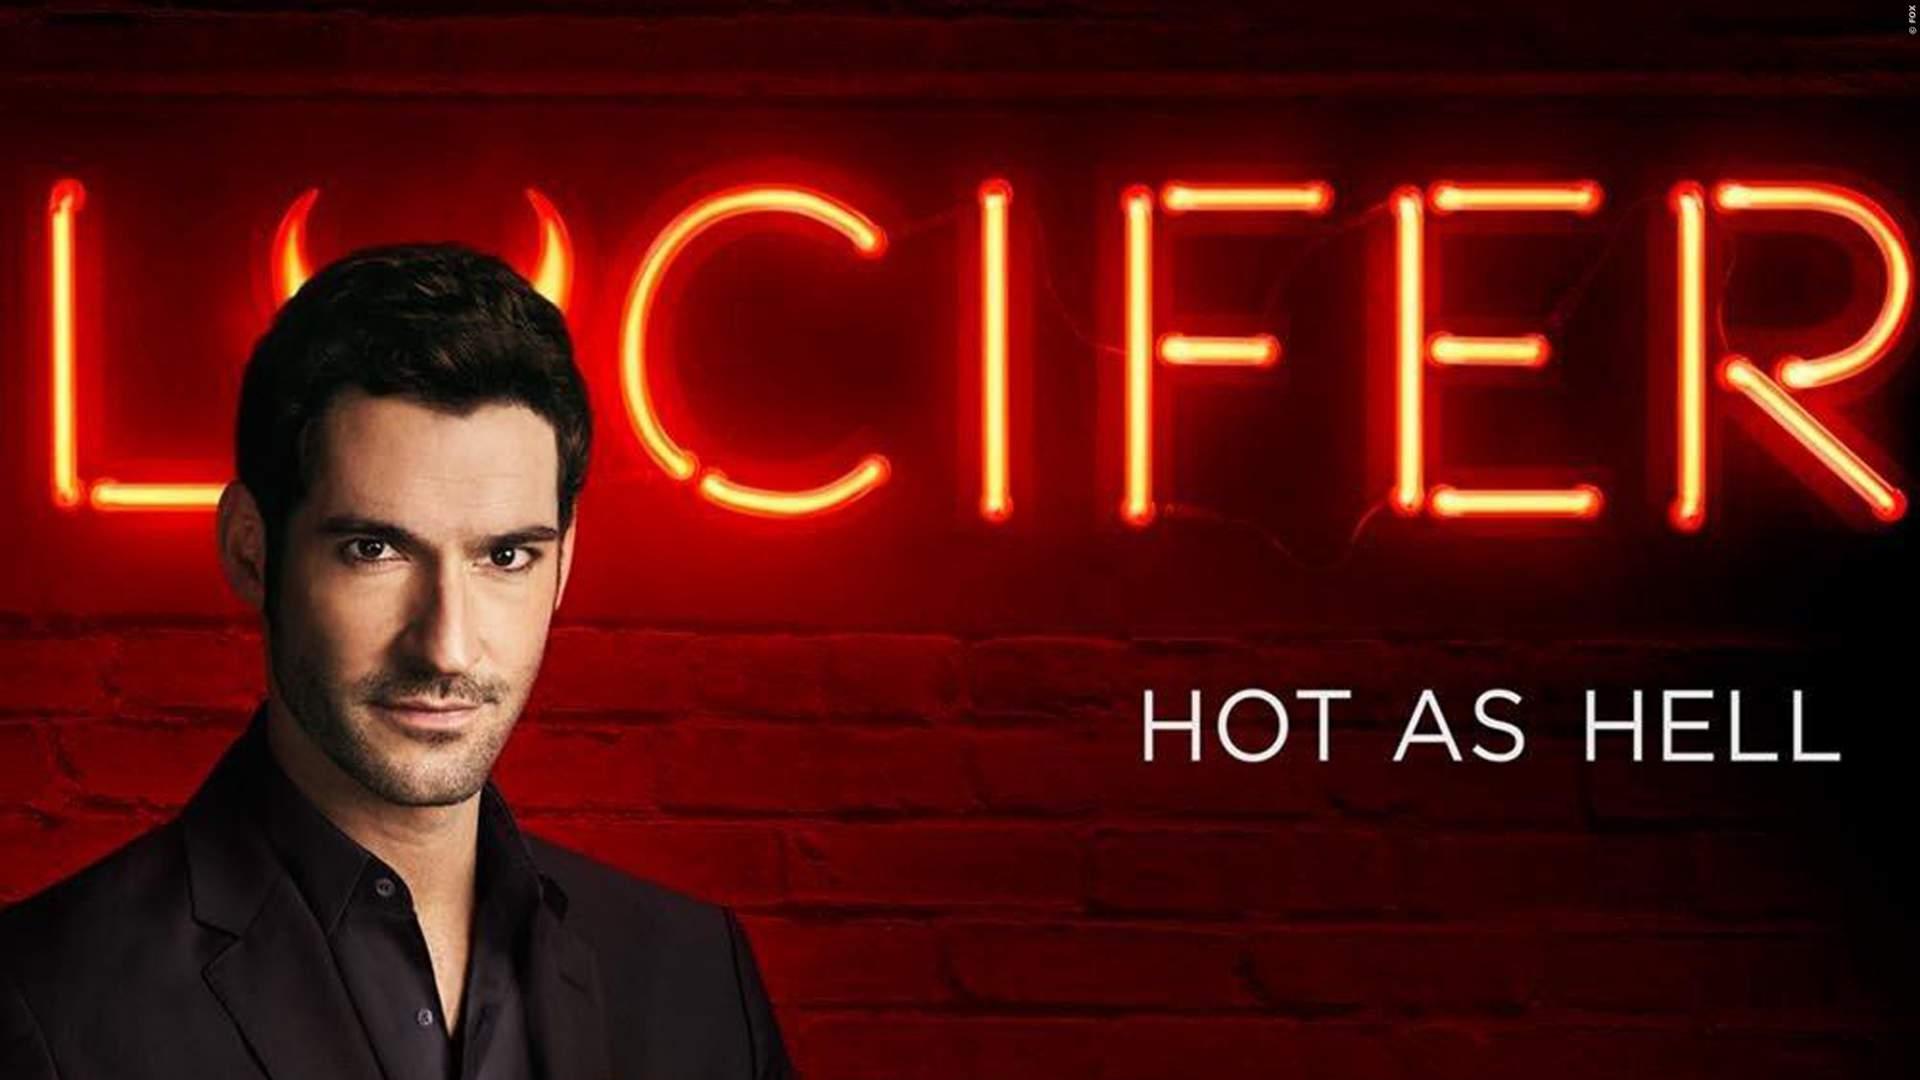 STAFFEL 4: All das ändert sich in den neuen Folgen 'Lucifer' - Fast eine neue Serie?